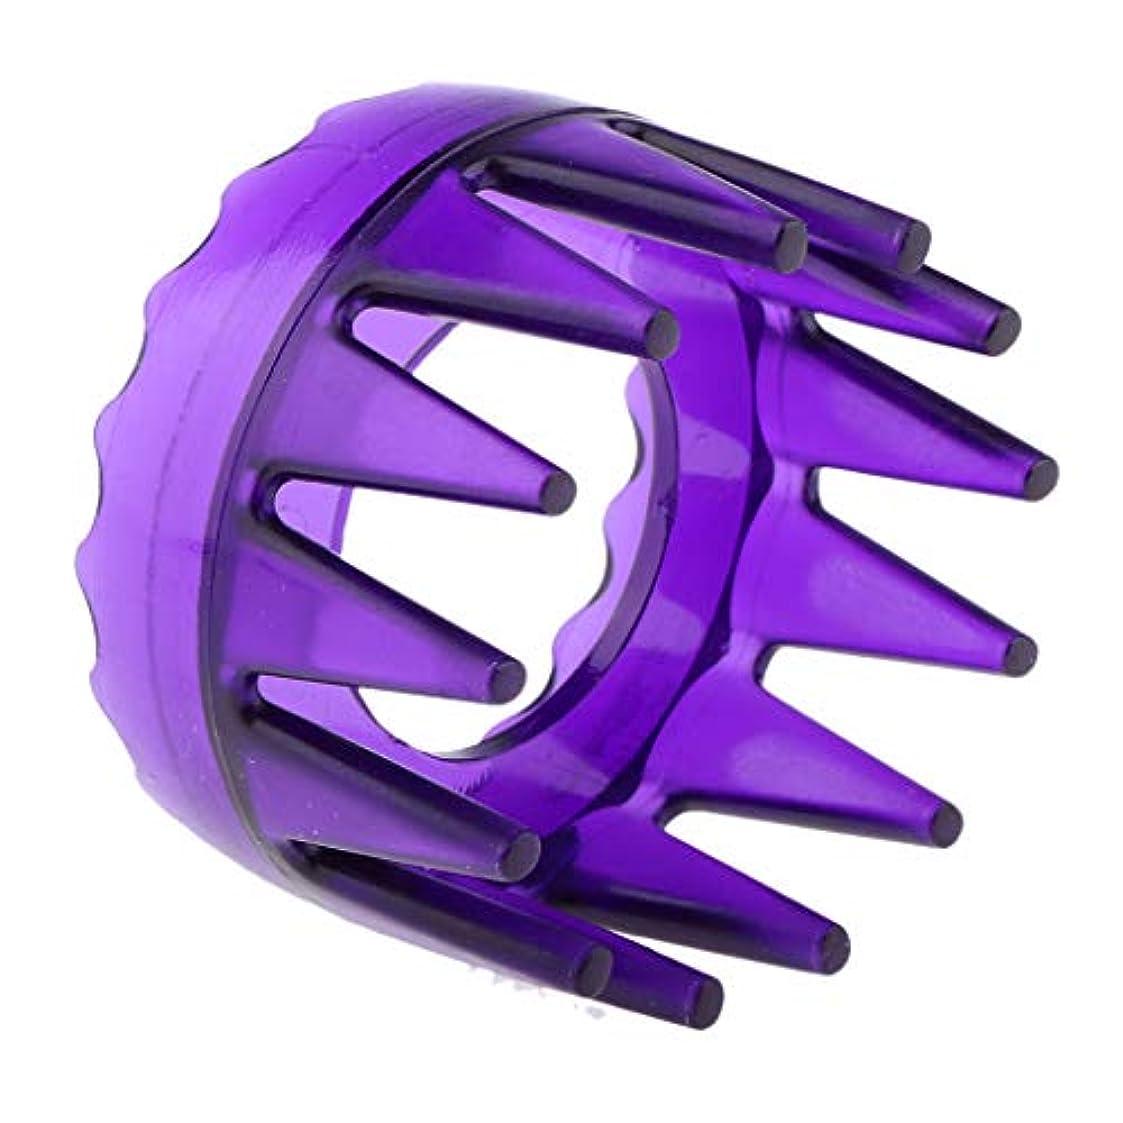 抱擁進む剪断B Blesiya 頭皮マッサージ シャワー シャンプー ヘアブラシ マッサージャー櫛 ユニセックス 4色選べ - 紫